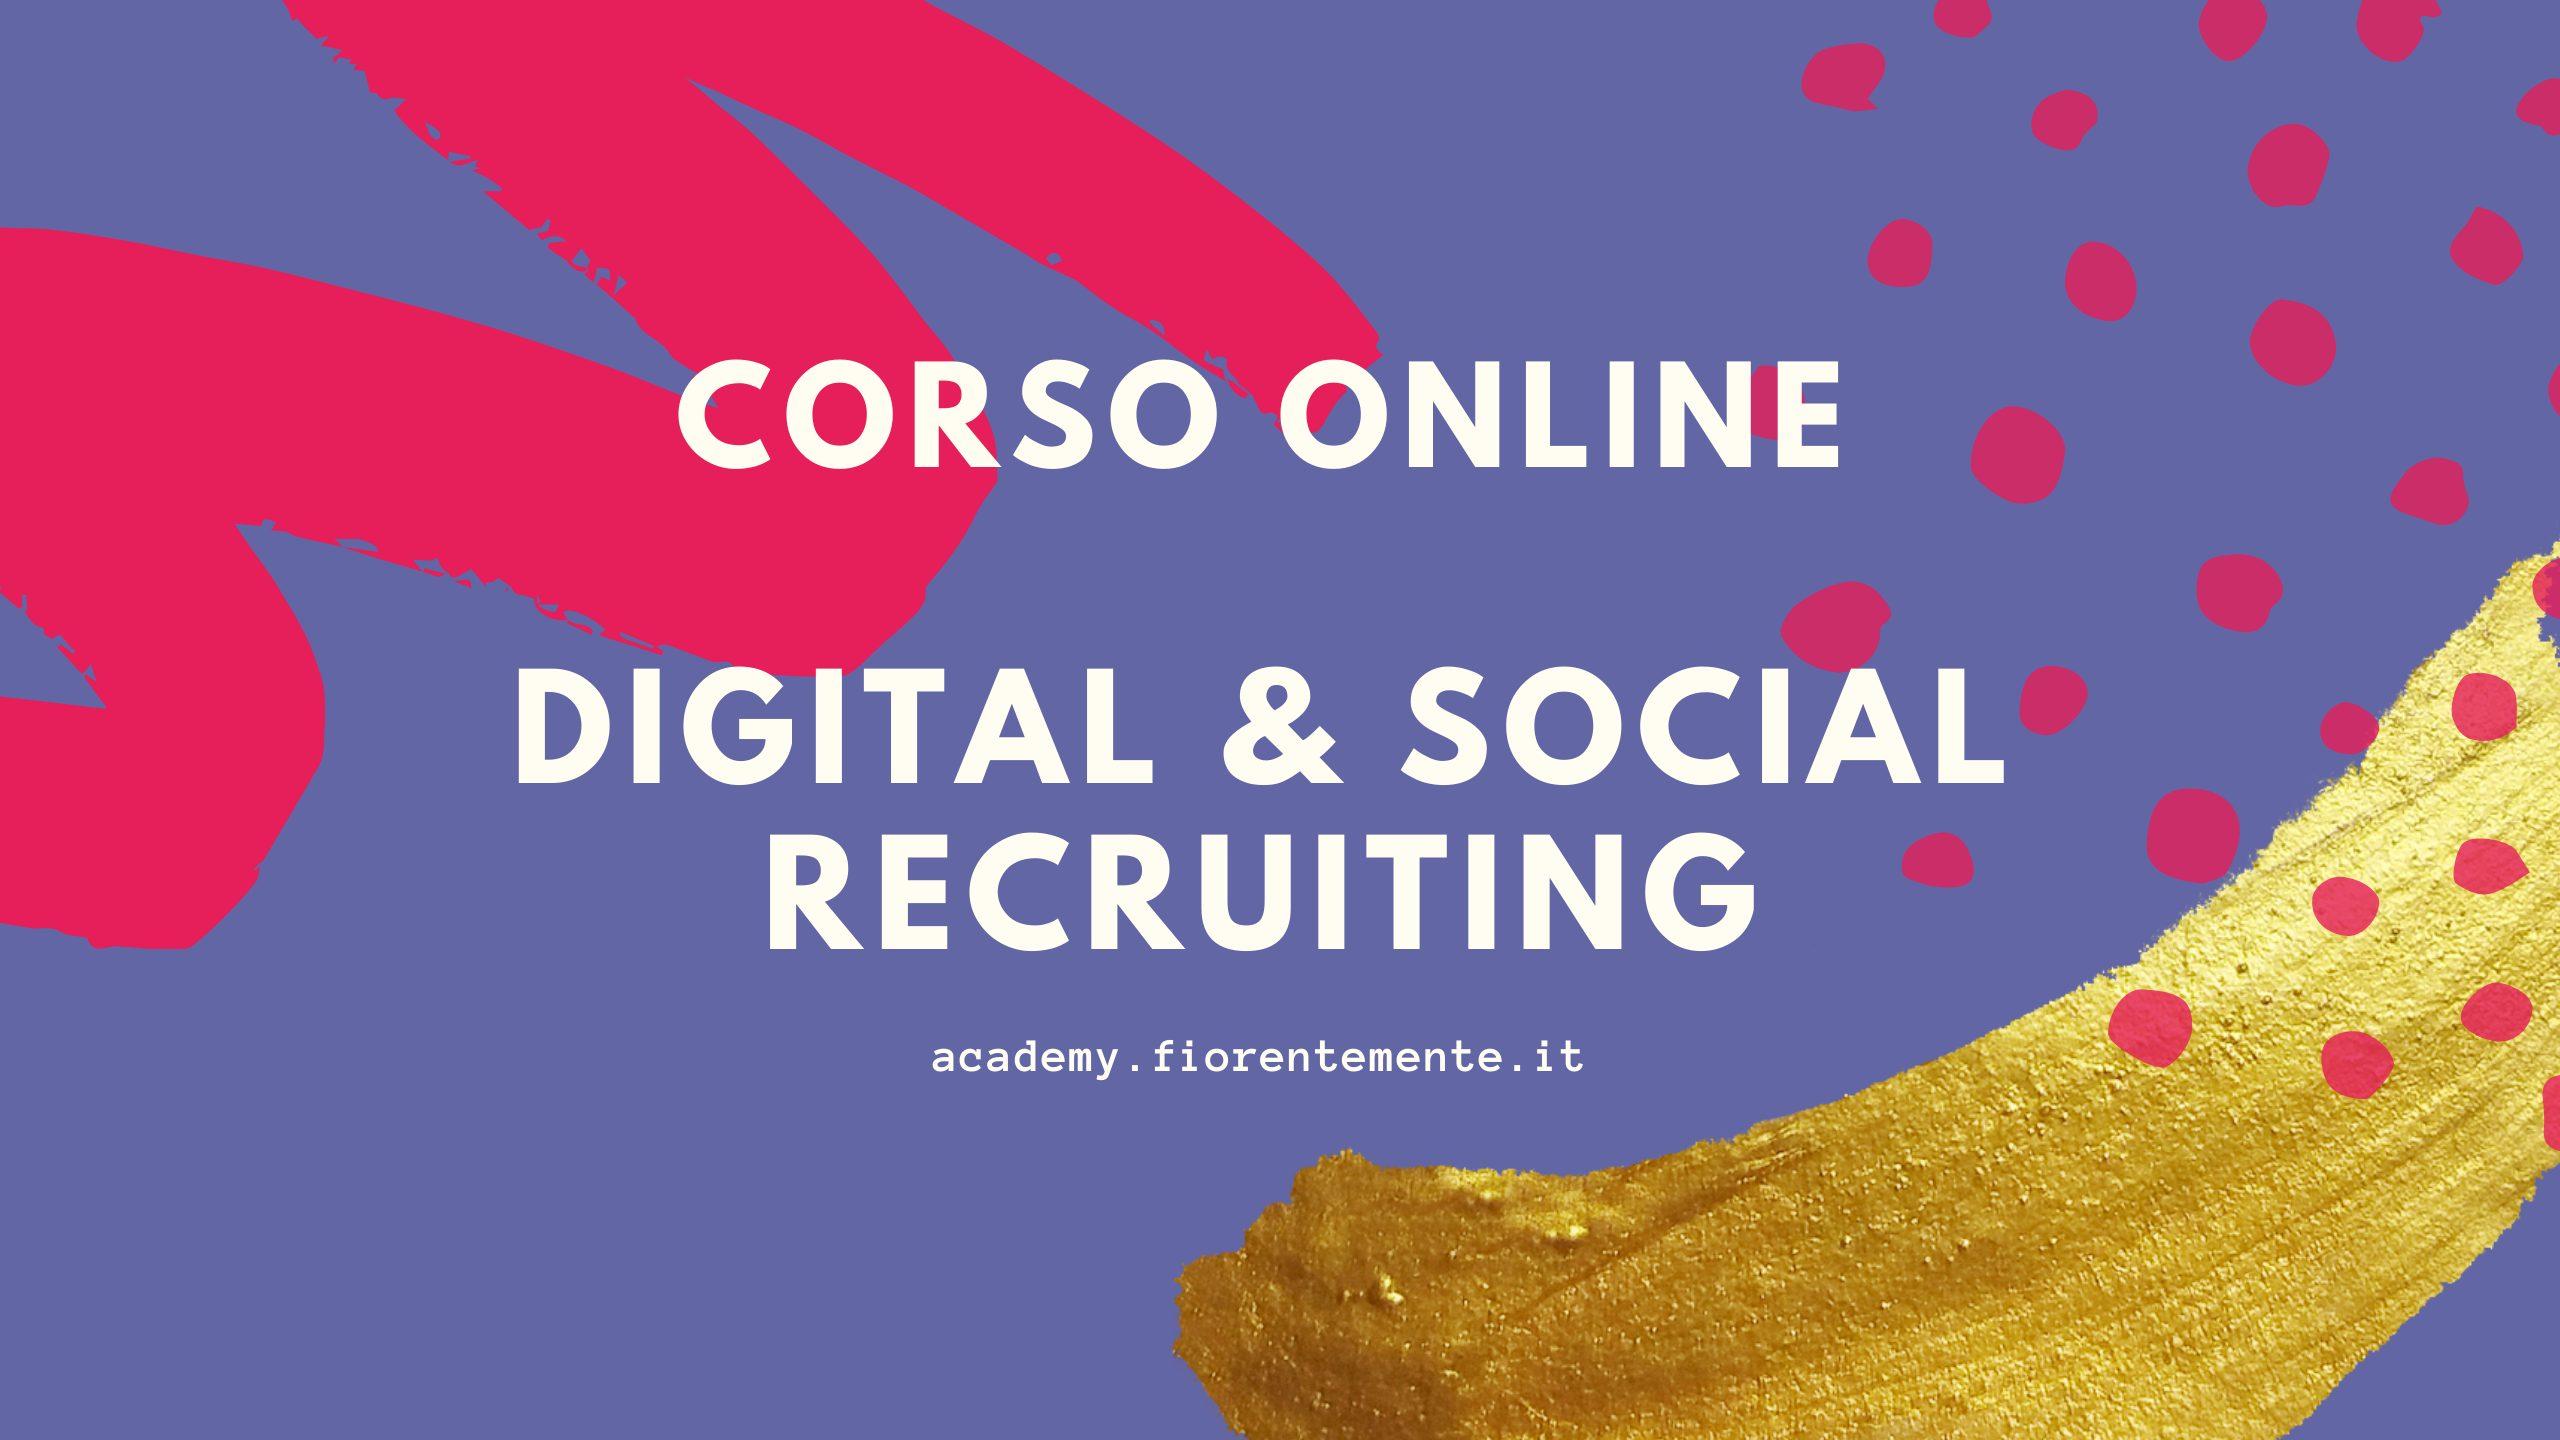 Corso Digital & Social Recruiting